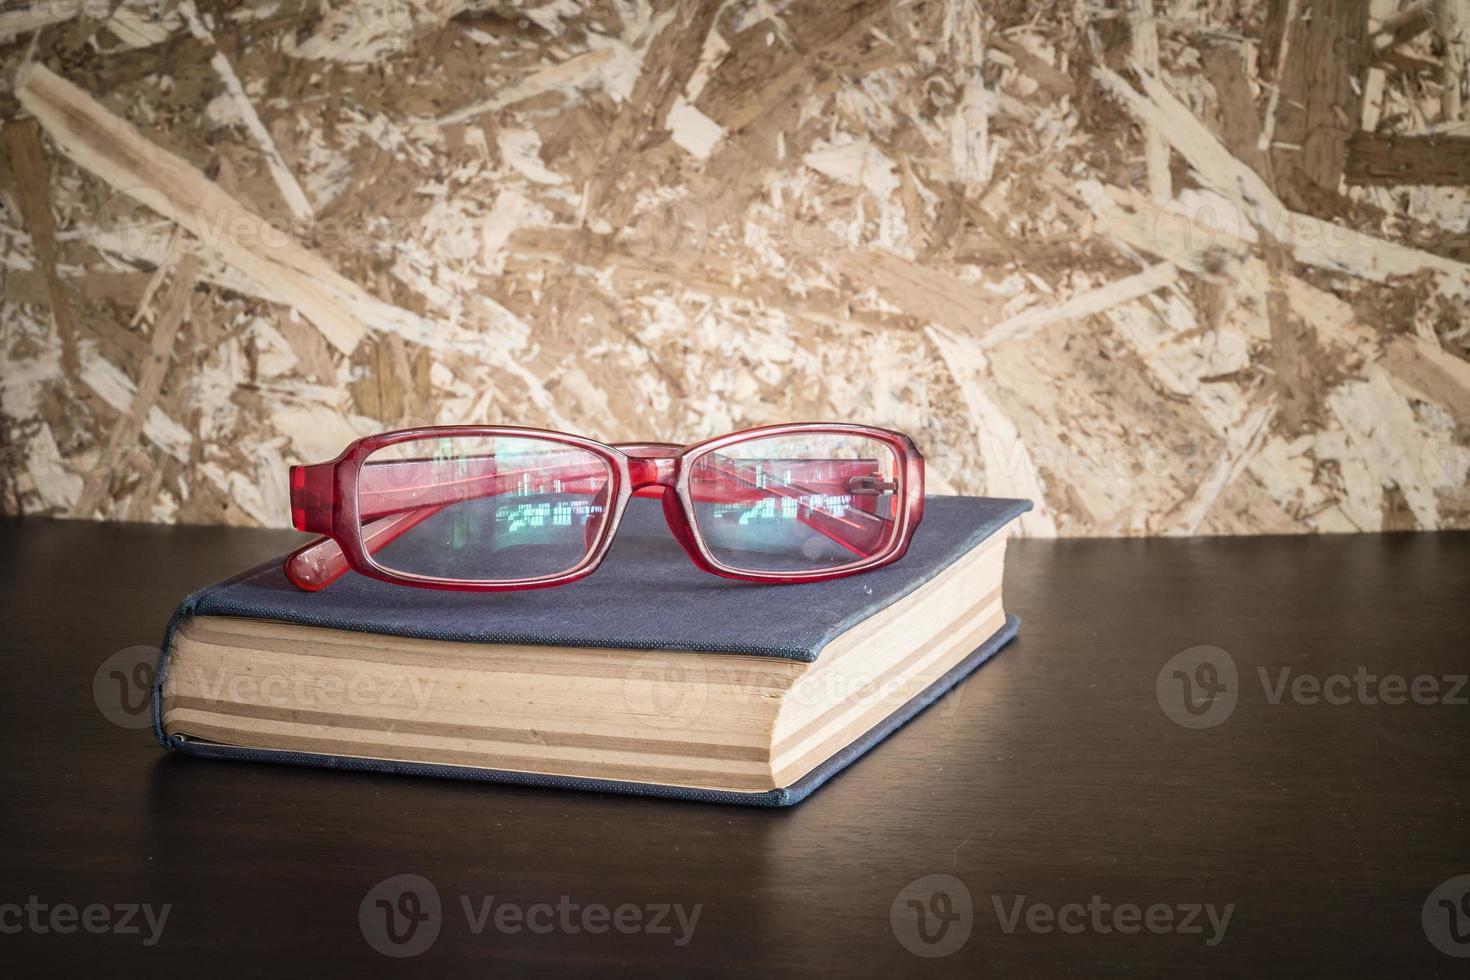 occhiali e libro con effetto filtro stile vintage retrò foto